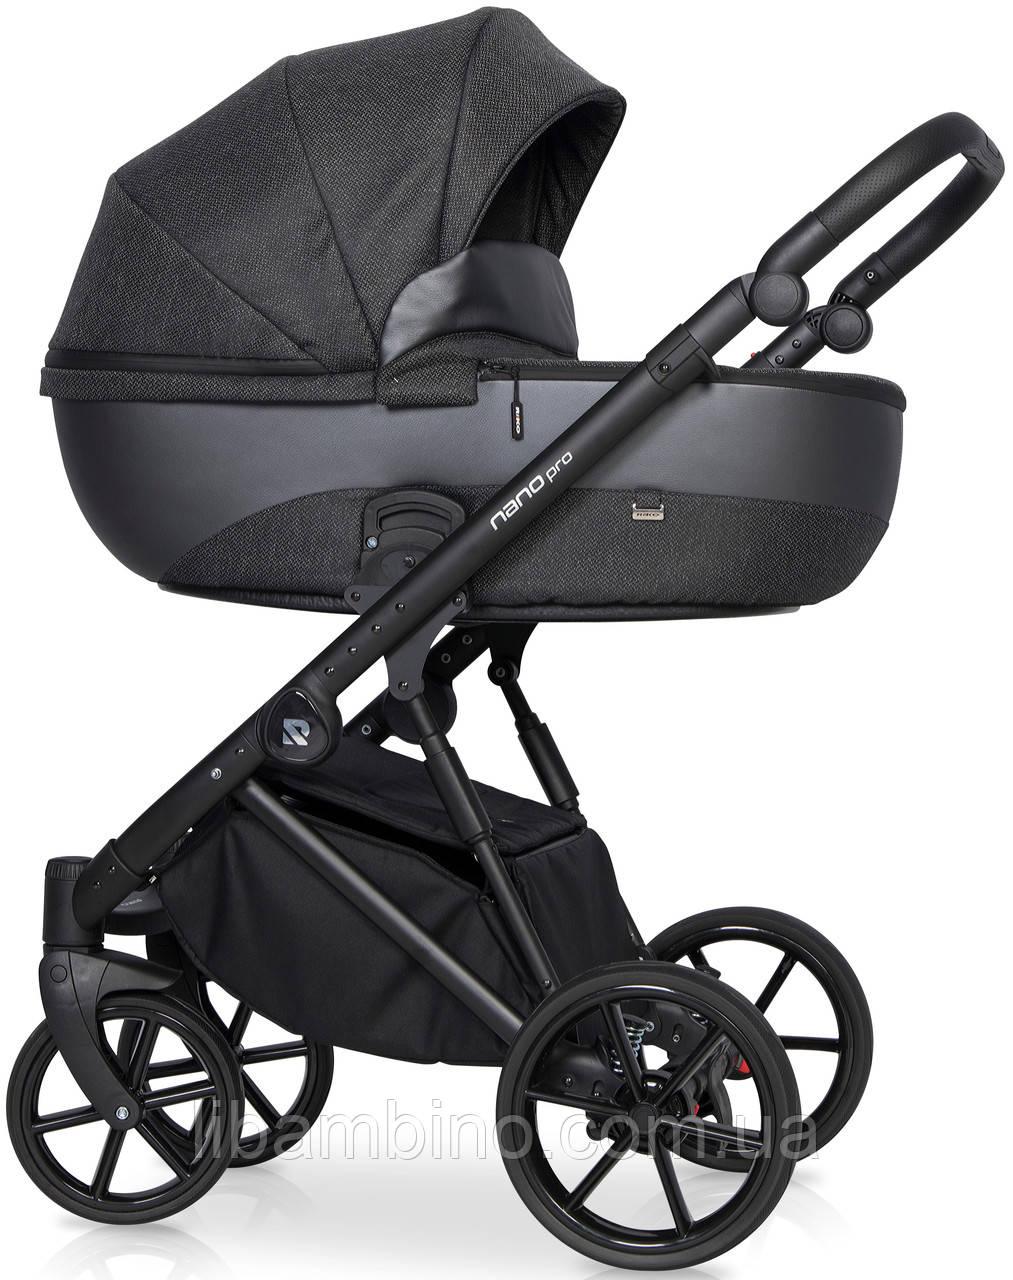 Дитяча універсальна коляска 2 в 1 Riko Nano Pro 06 Carbon